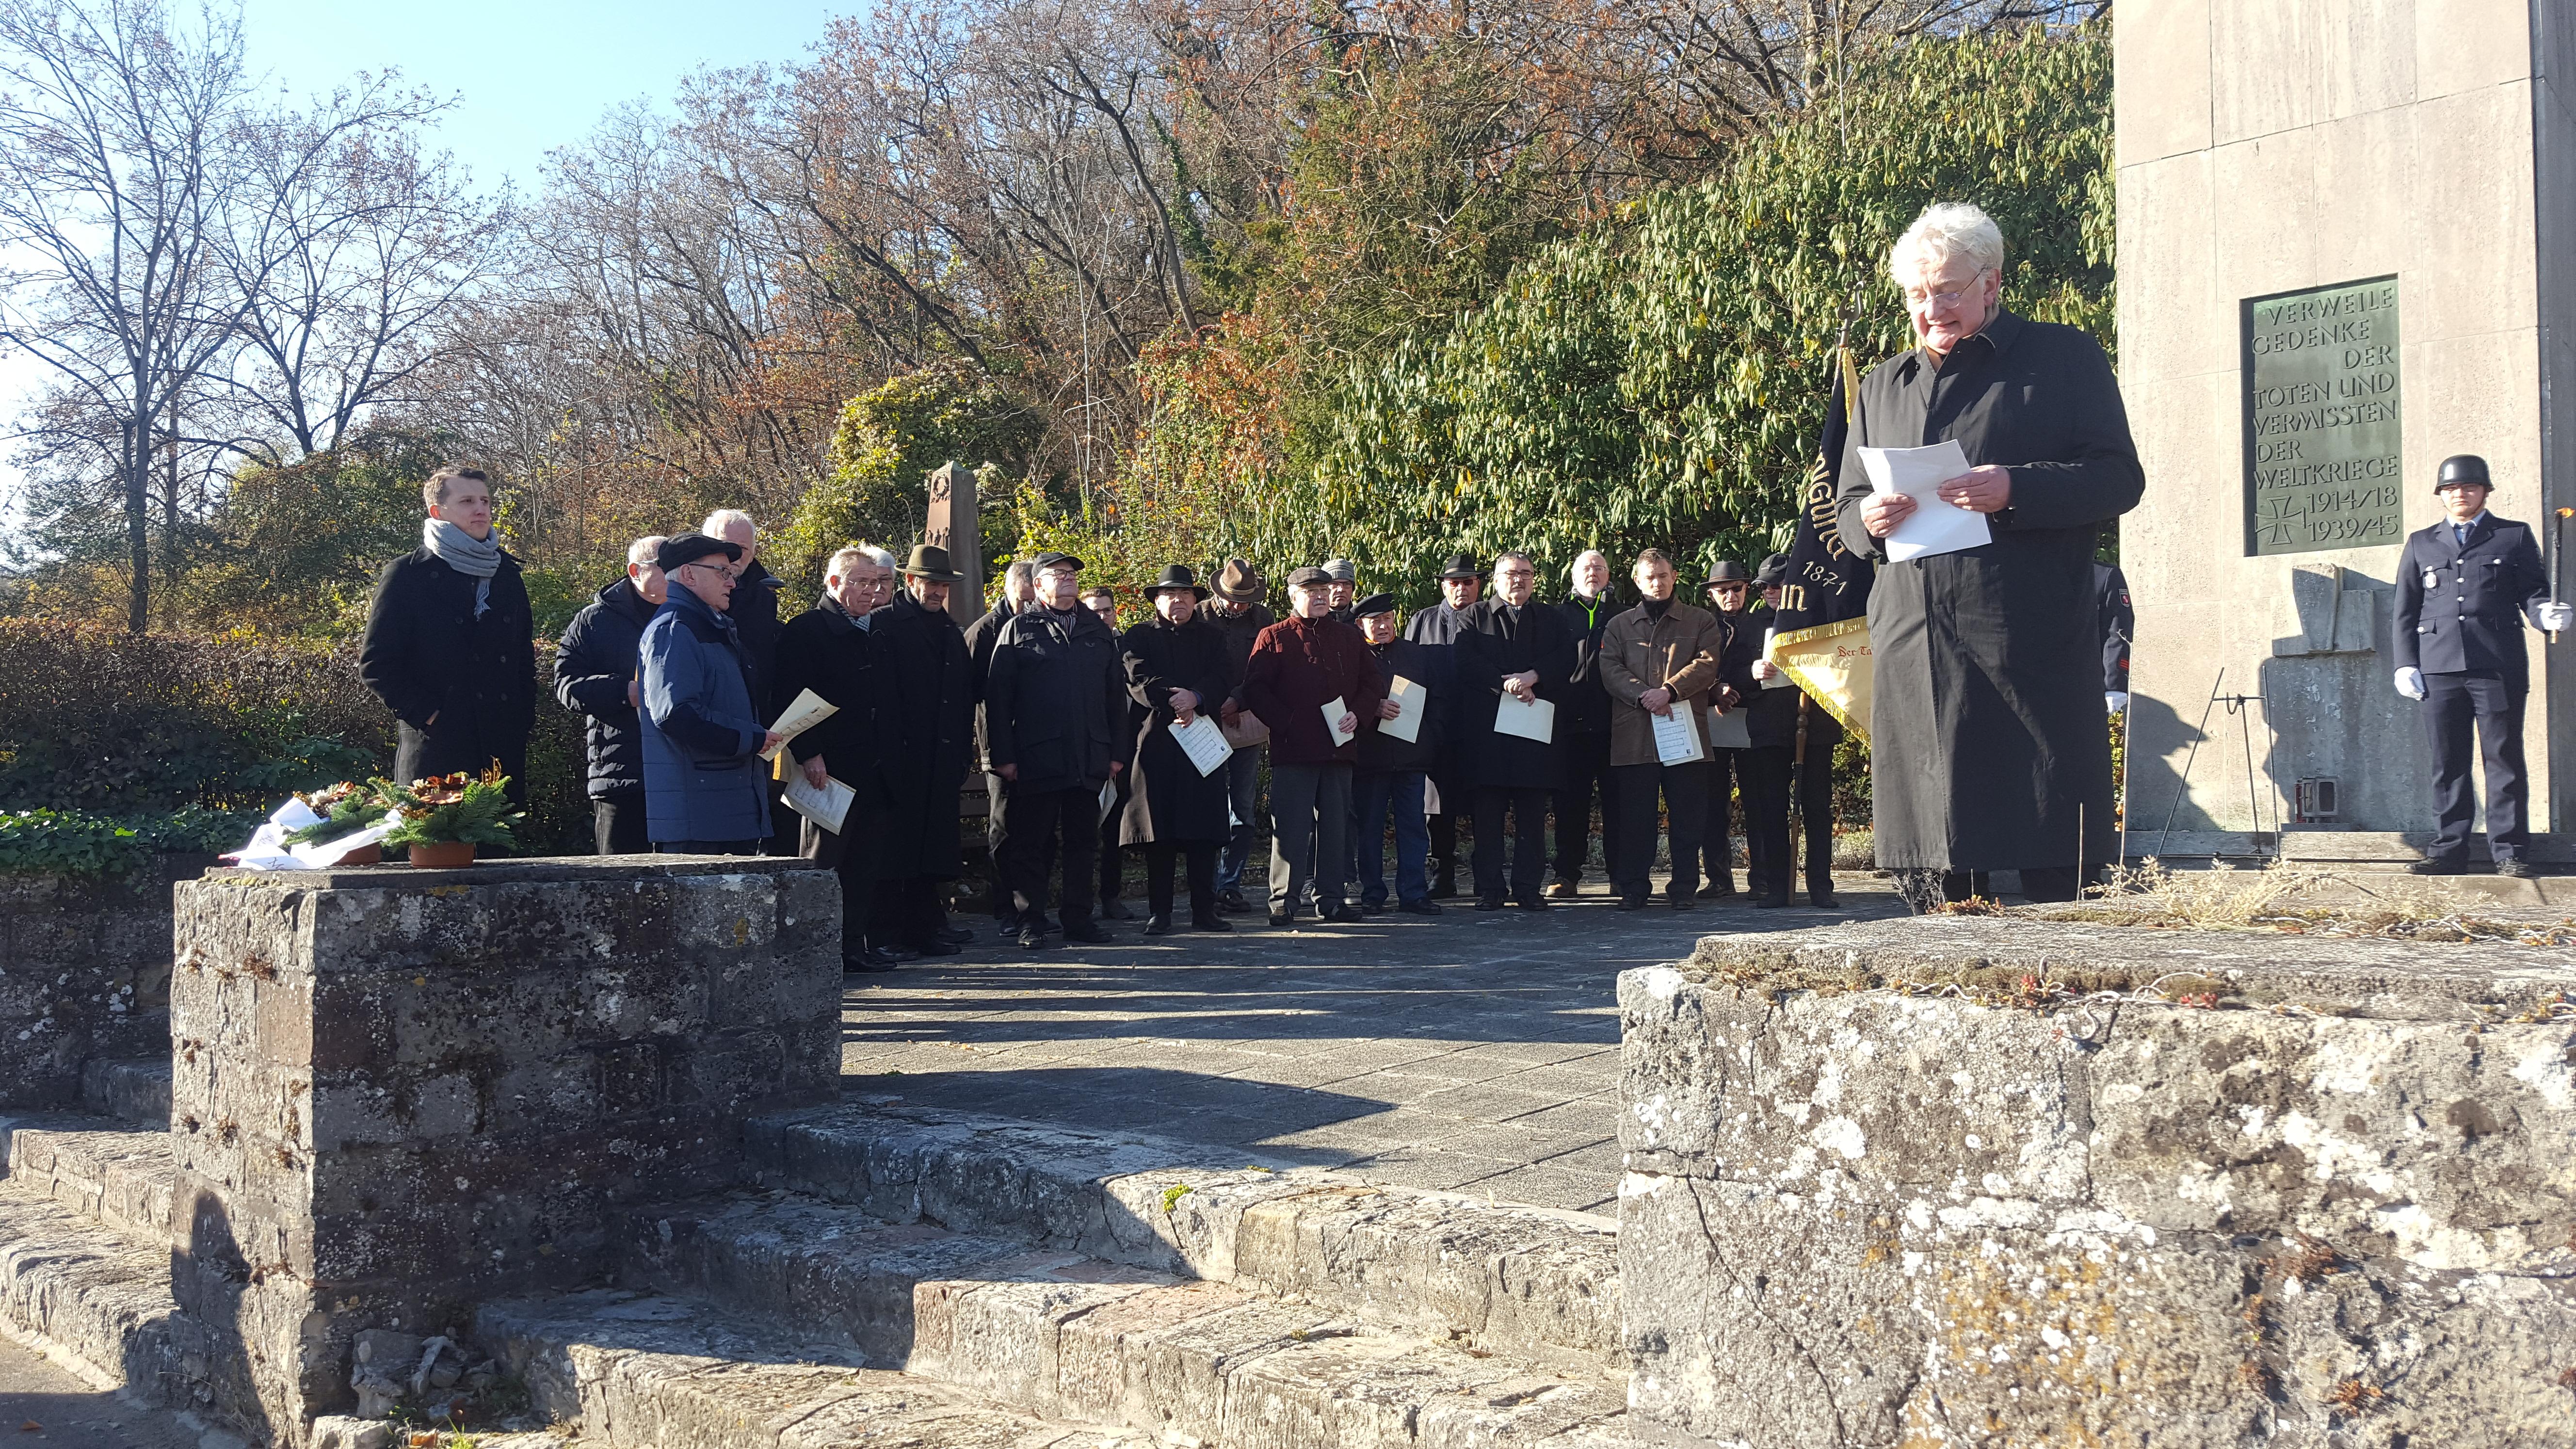 Gerd Strotkötter begrüßt die Laubenheimer Sänger zur Gedenkfeier auf dem Friedhof.